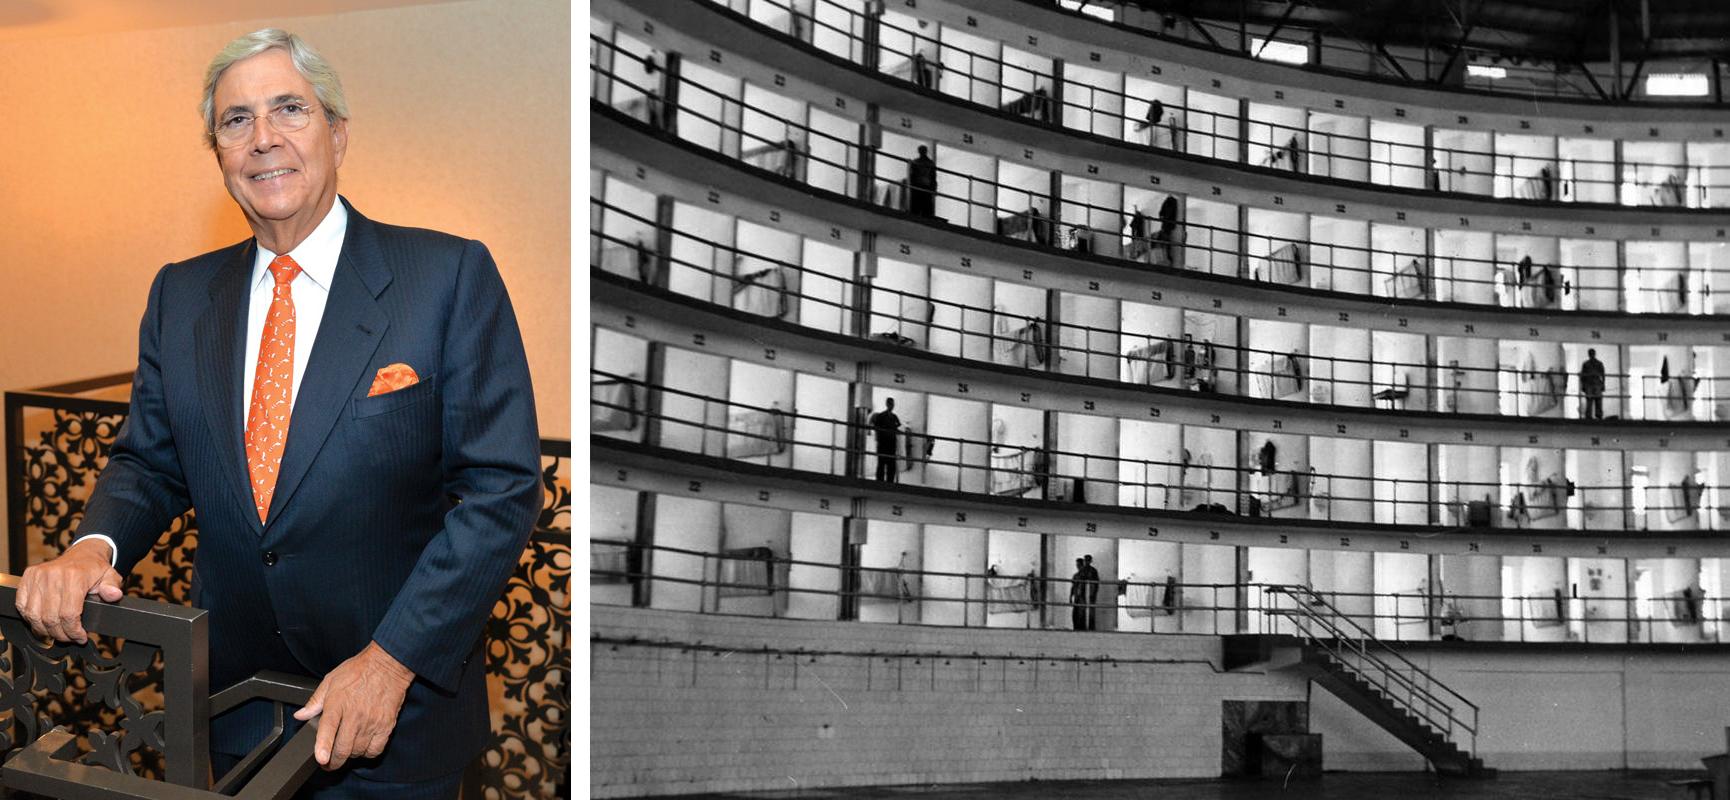 Fernández Pujals y la cárcel modelo de la Isla de la Juventud, hoy cerrada